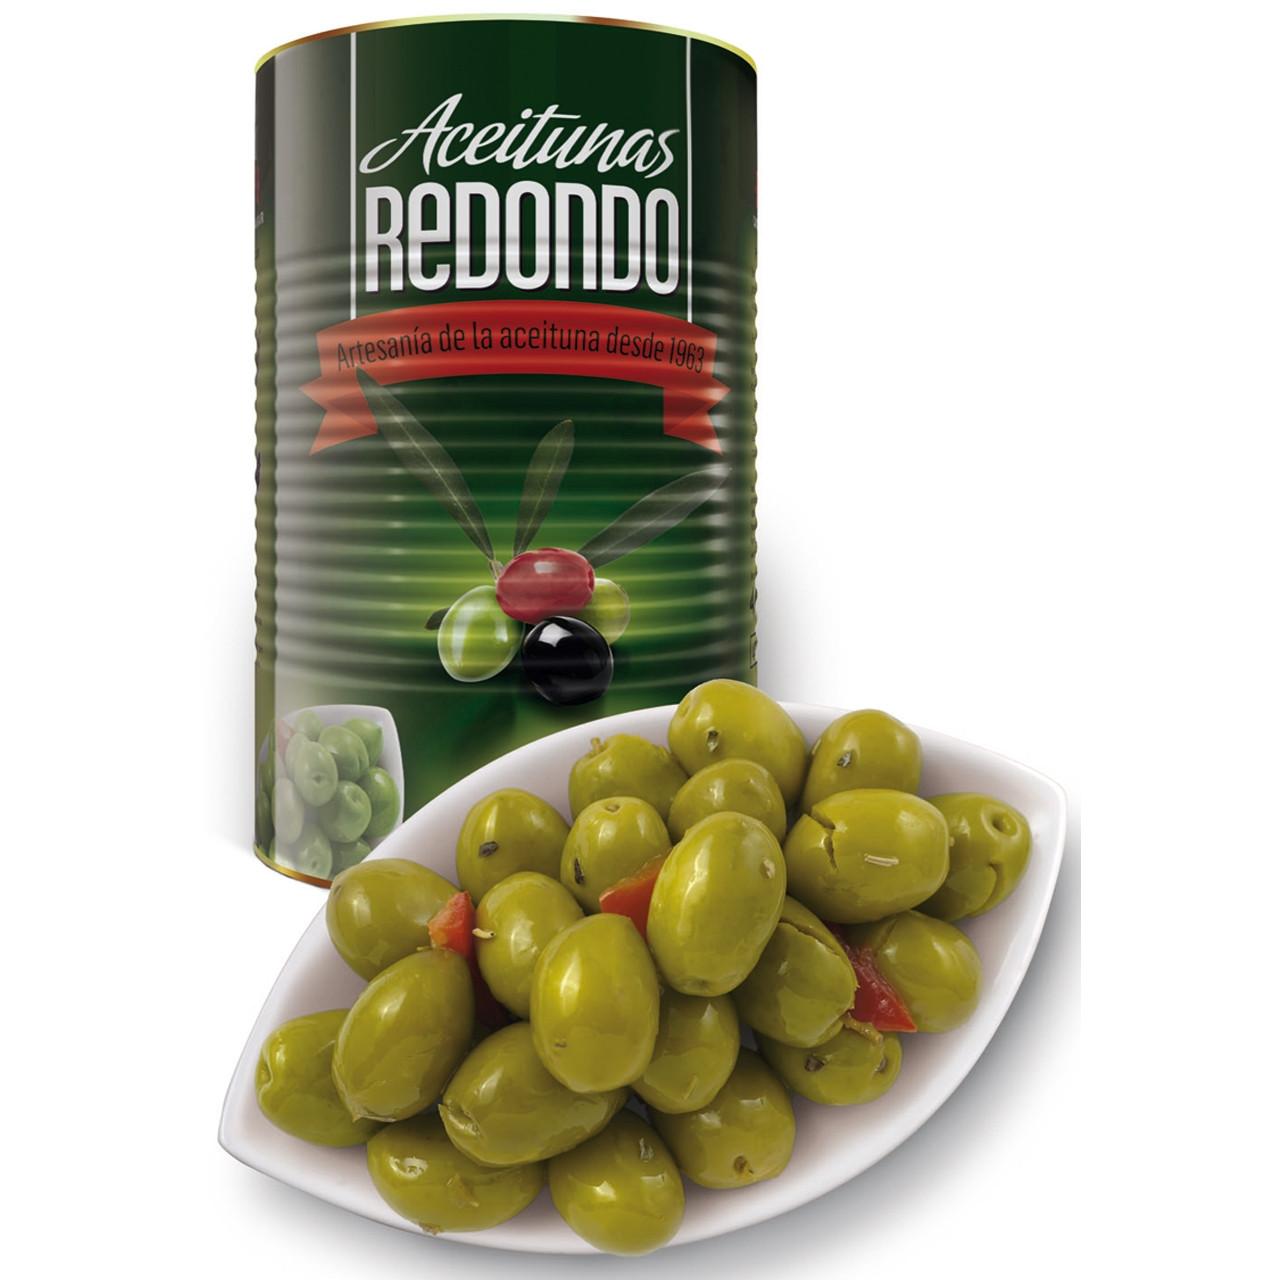 Olives amanides de l'àvia llauna Redondo